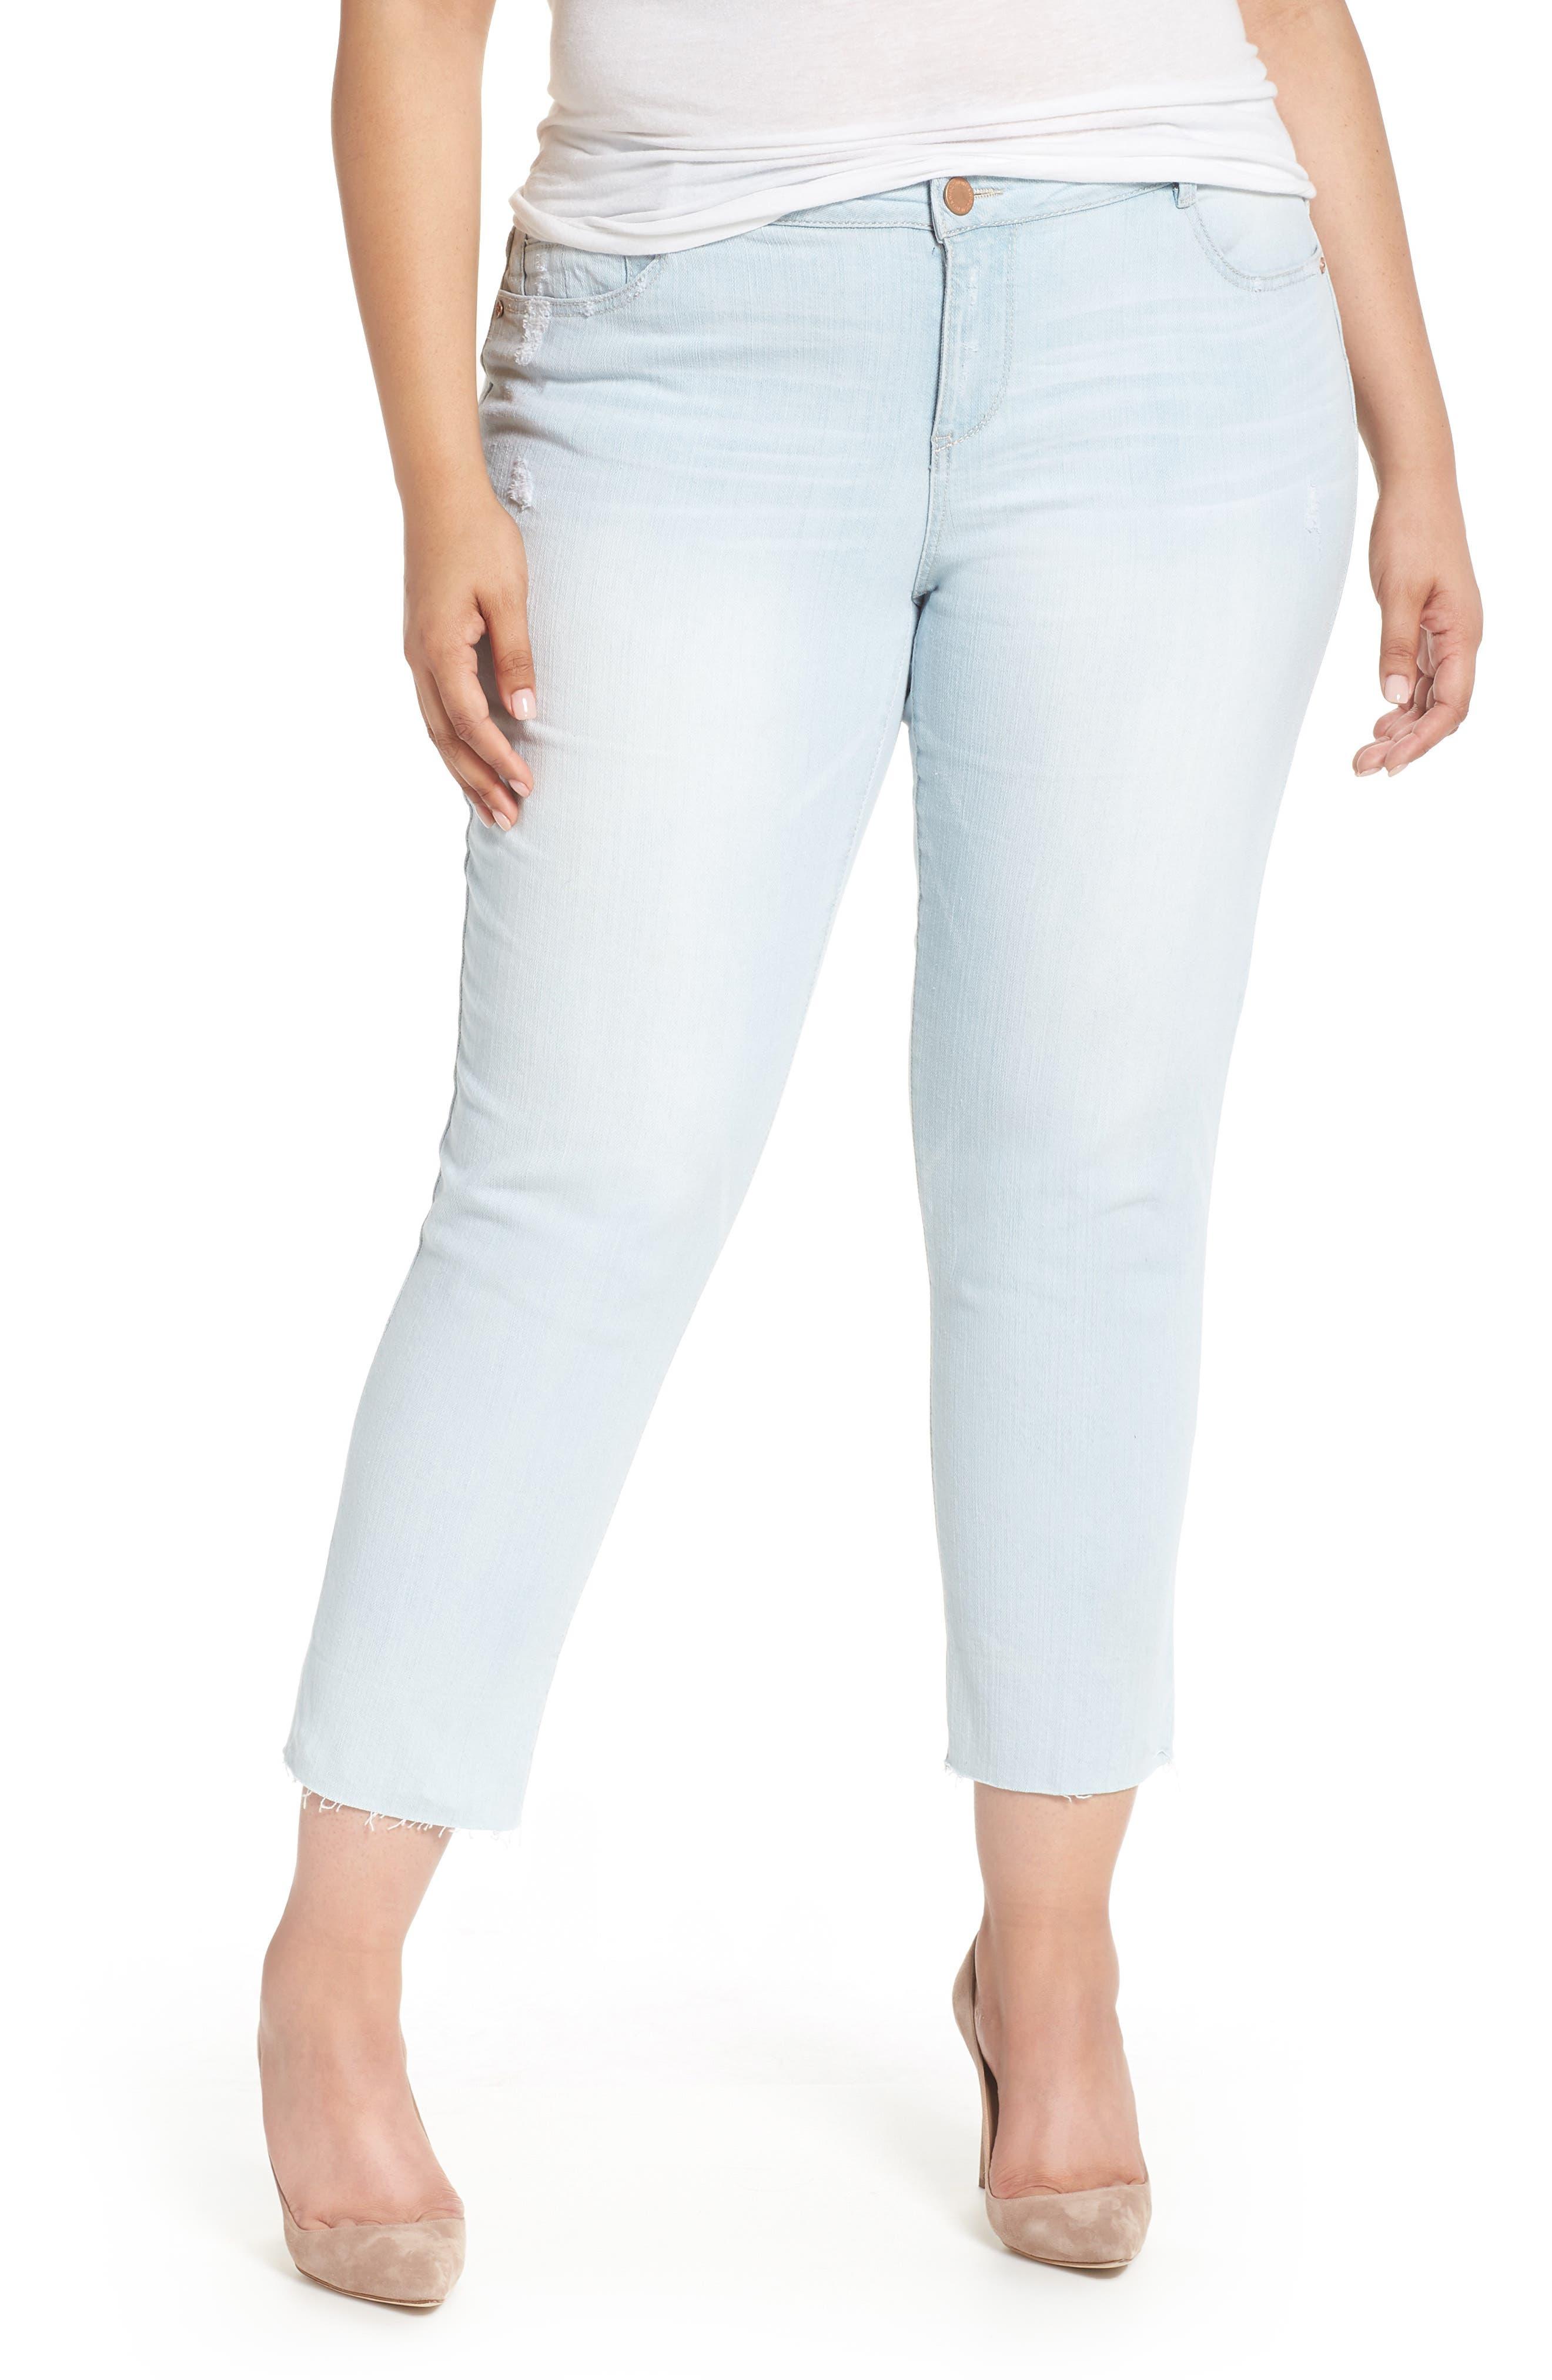 WIT & WISDOM Flex-ellent Distressed Boyfriend Jeans, Main, color, LIGHT BLUE